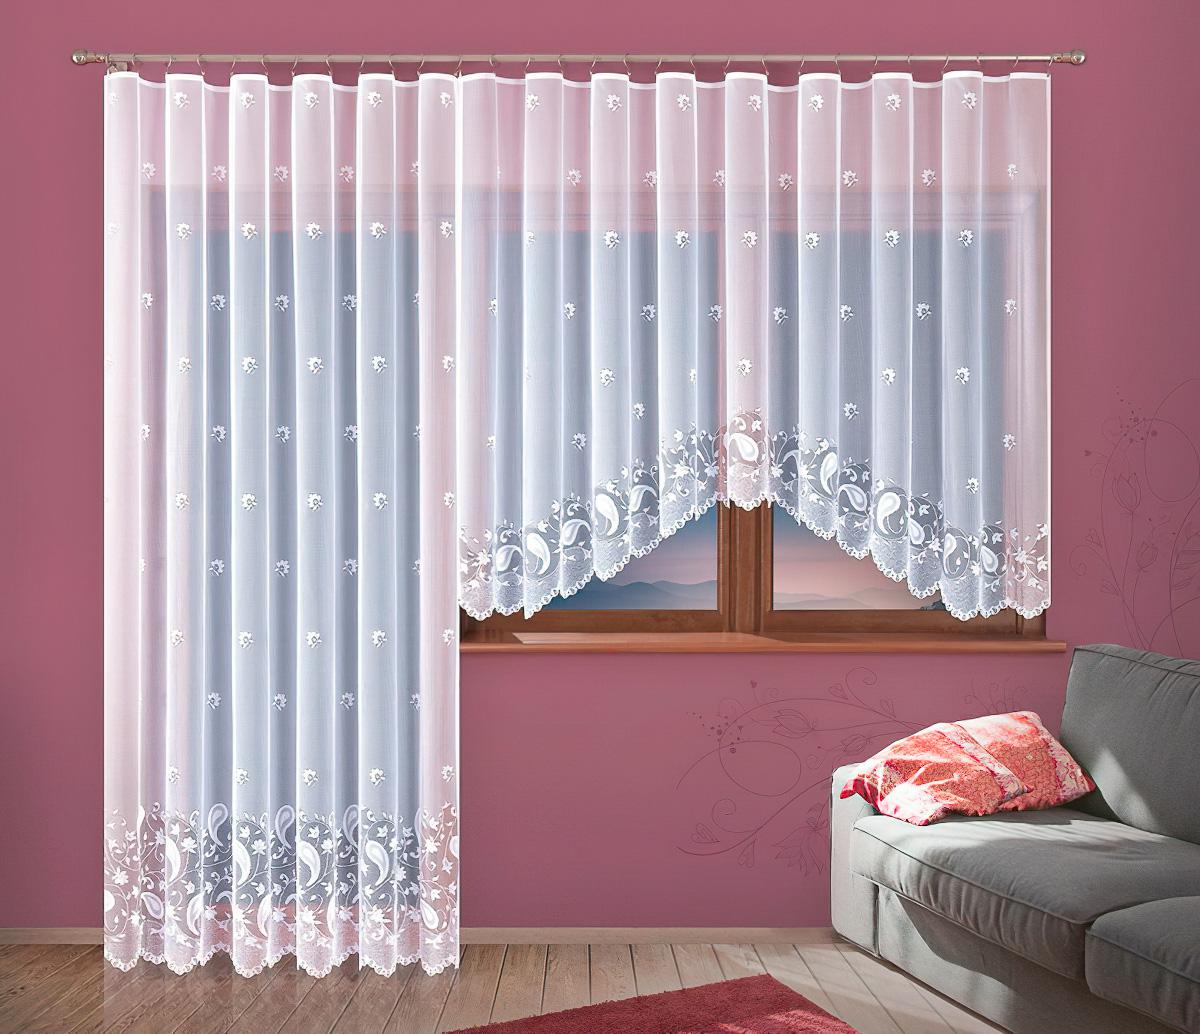 Forbyt kusová záclona KRISTÝNA jednobarevná bílá, výška 150 cm x šířka 300 cm (na okno)